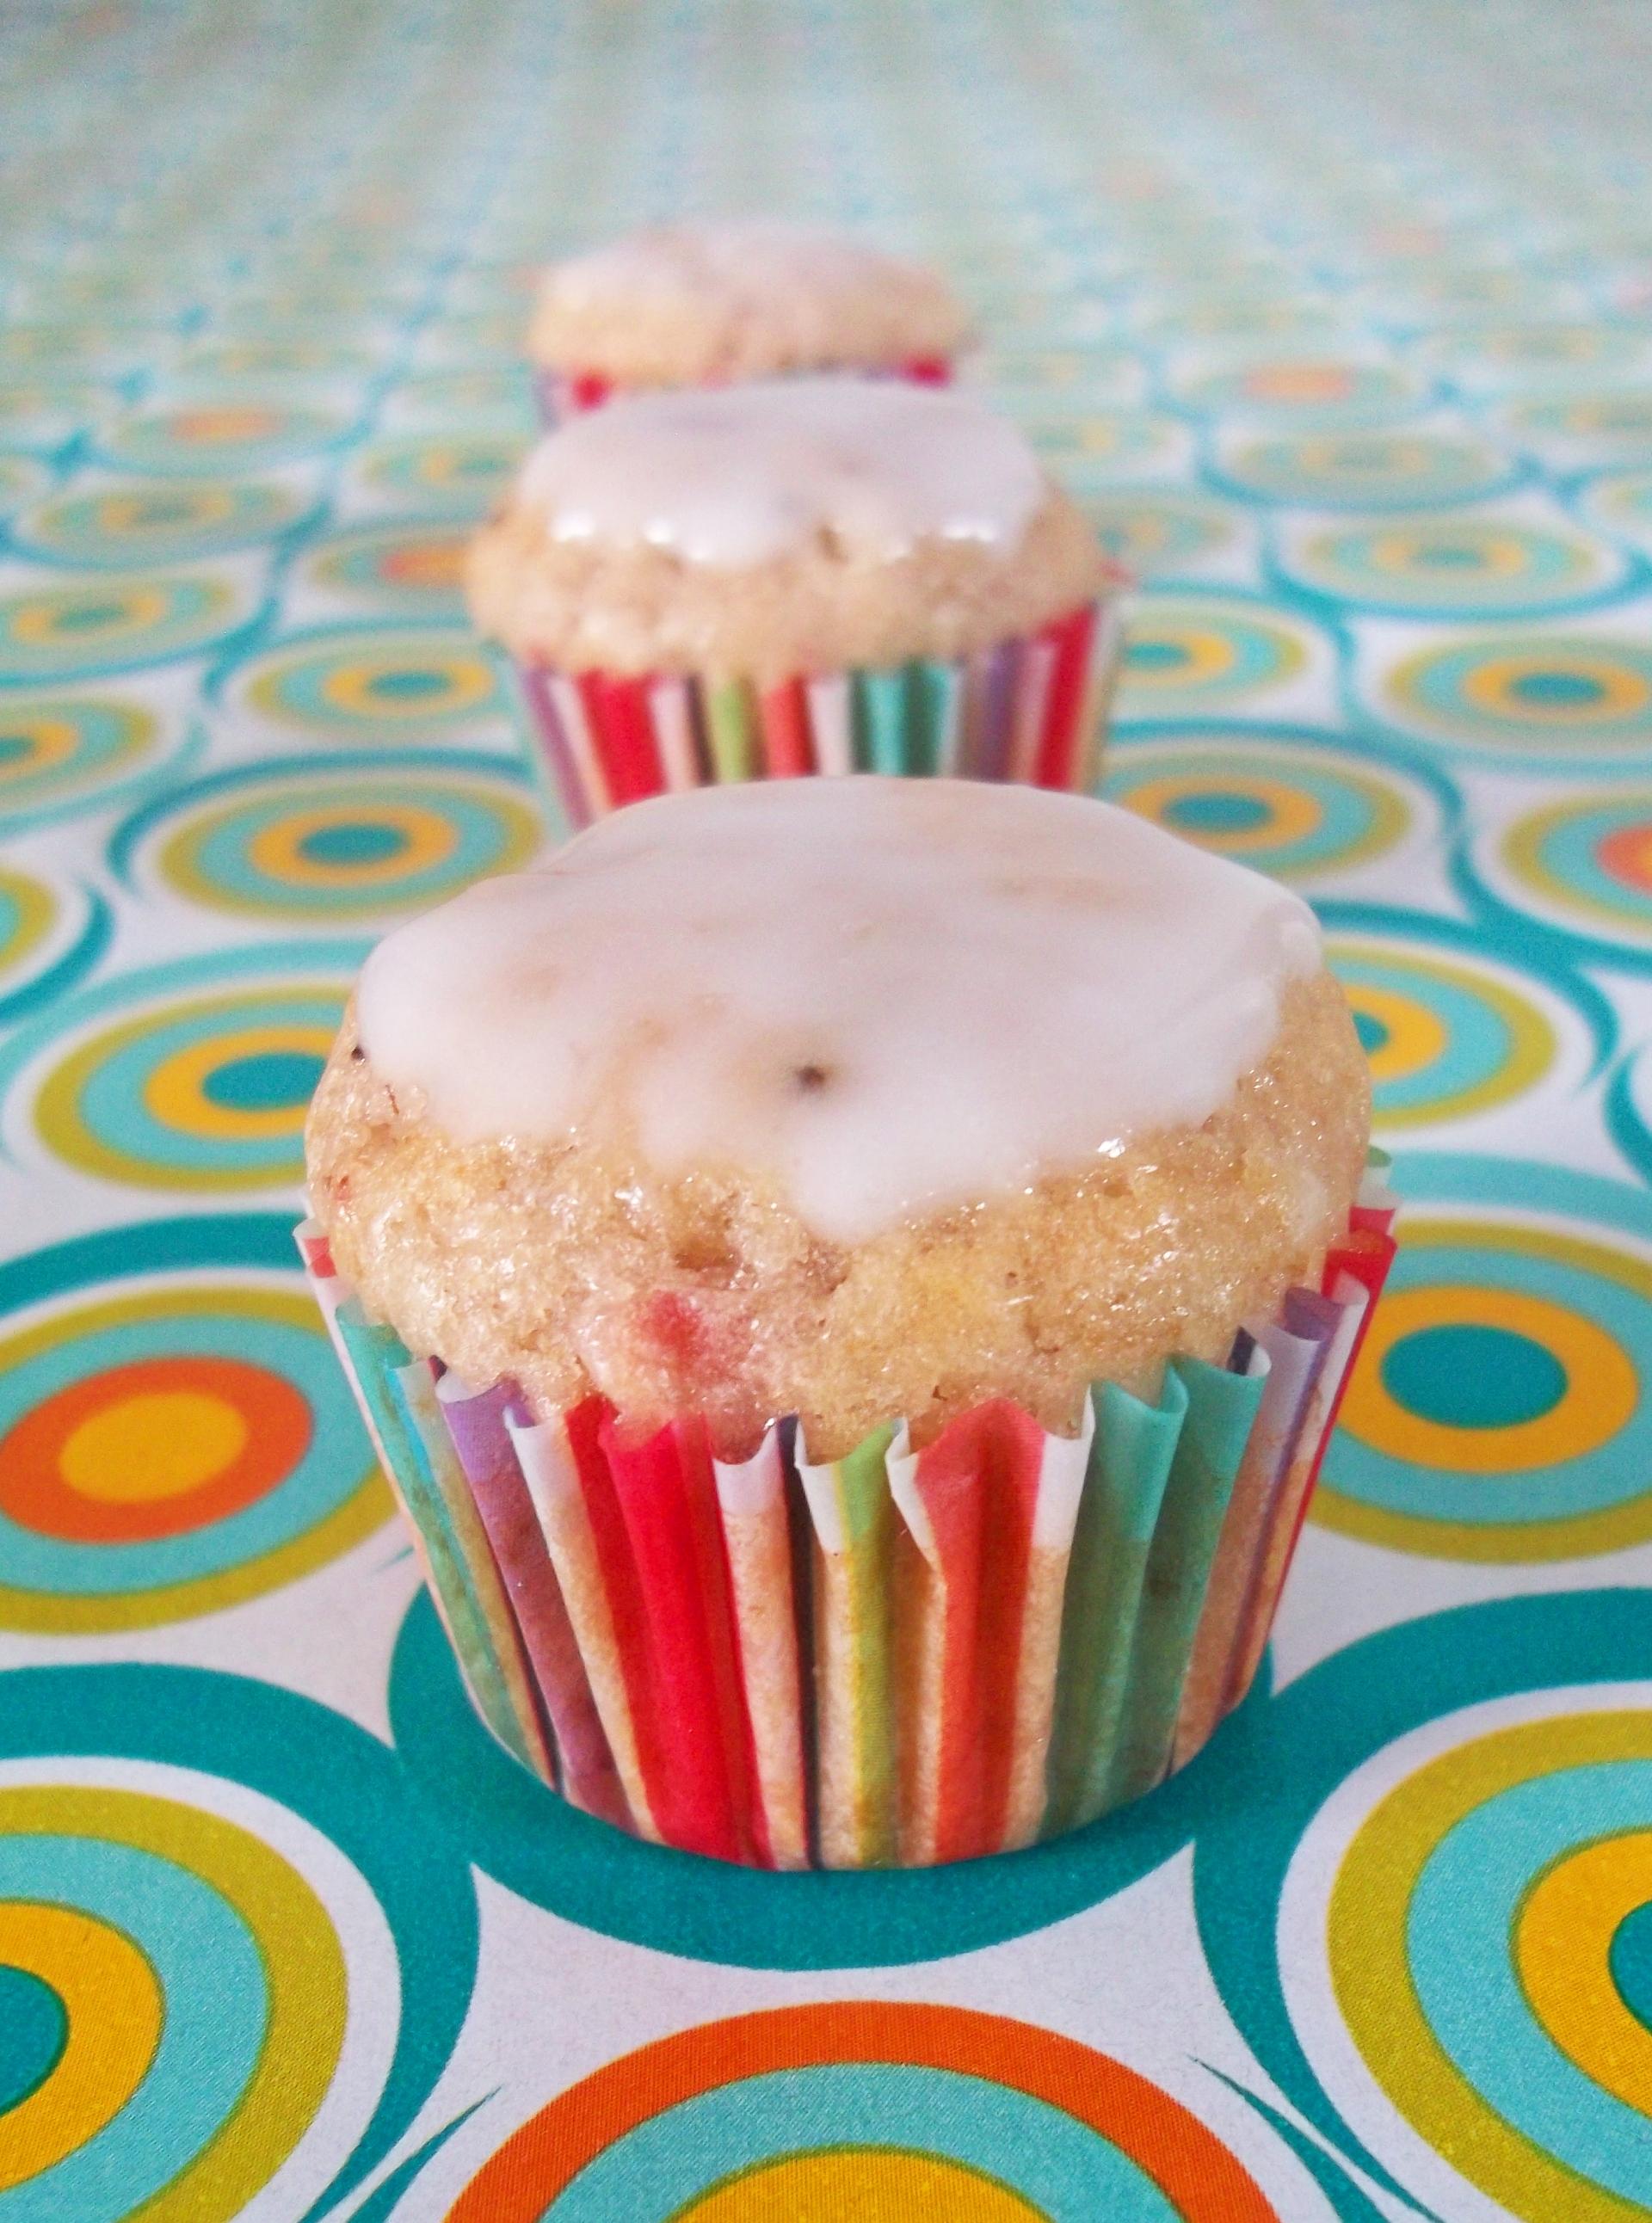 Trio of Strawberry Kiwi Muffins with Lemon Glaze